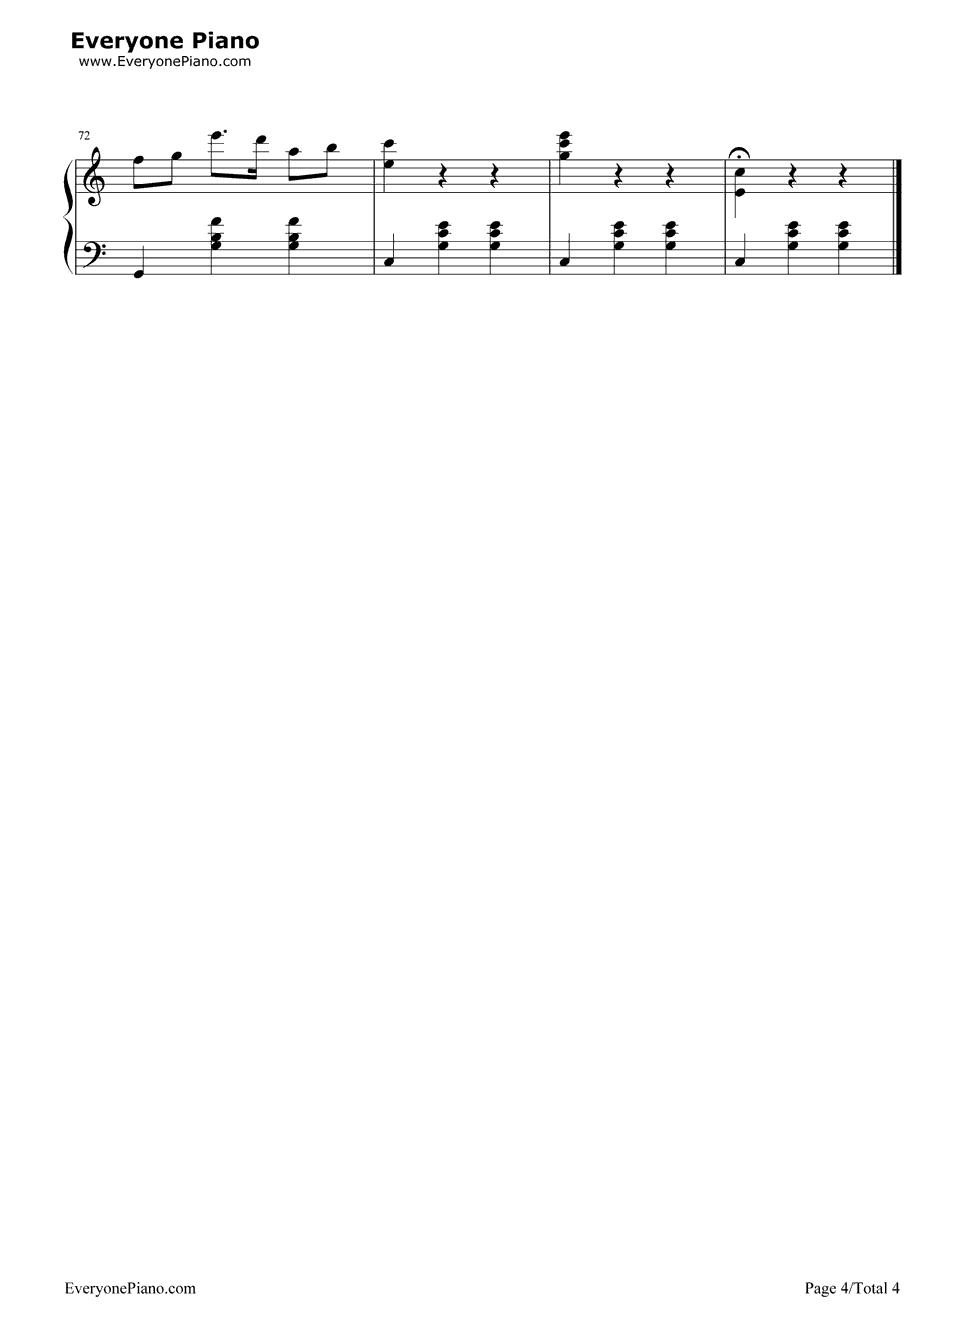 钢琴曲谱 练习曲 牧歌-卡尔海因斯 牧歌-卡尔海因斯五线谱预览4  }